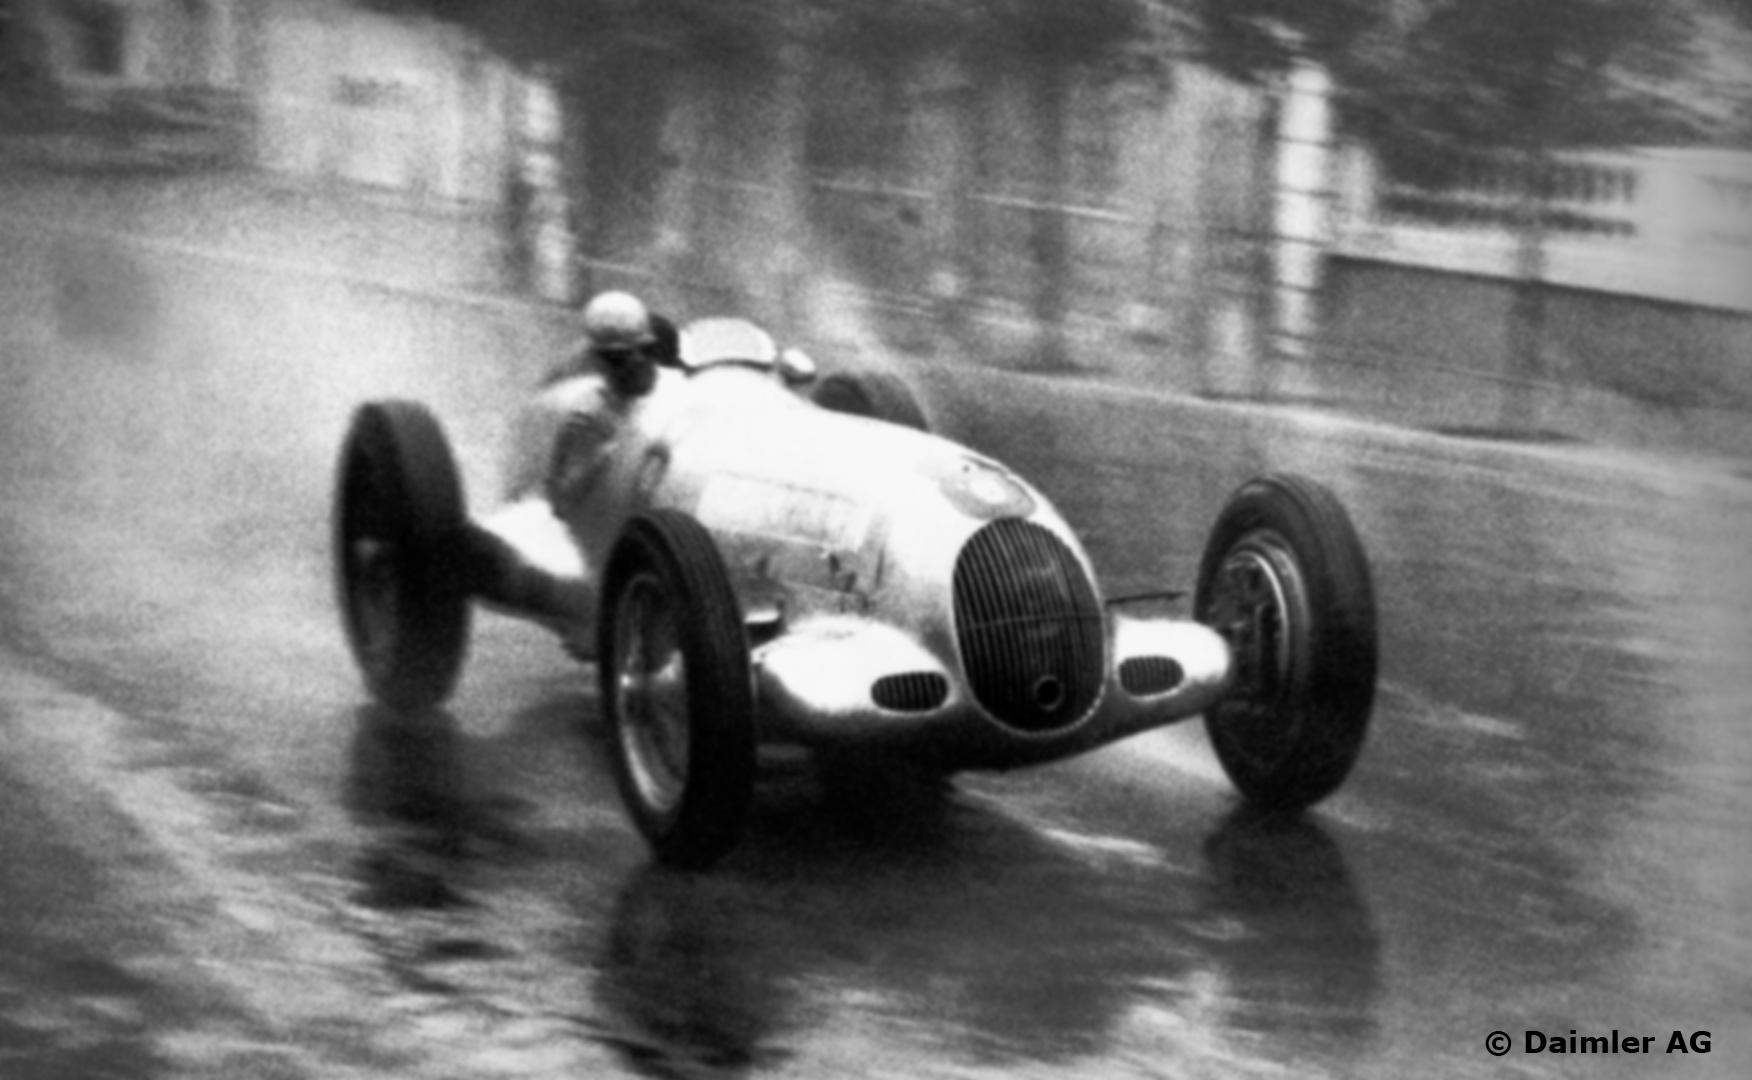 Der Regenmeister i Monaco GP 1936, hvor øsregn medførte flere krasj og ulykker. Men ikke for Caracciola, som vant etter mesterlig kjøring. Foto: Daimler AG